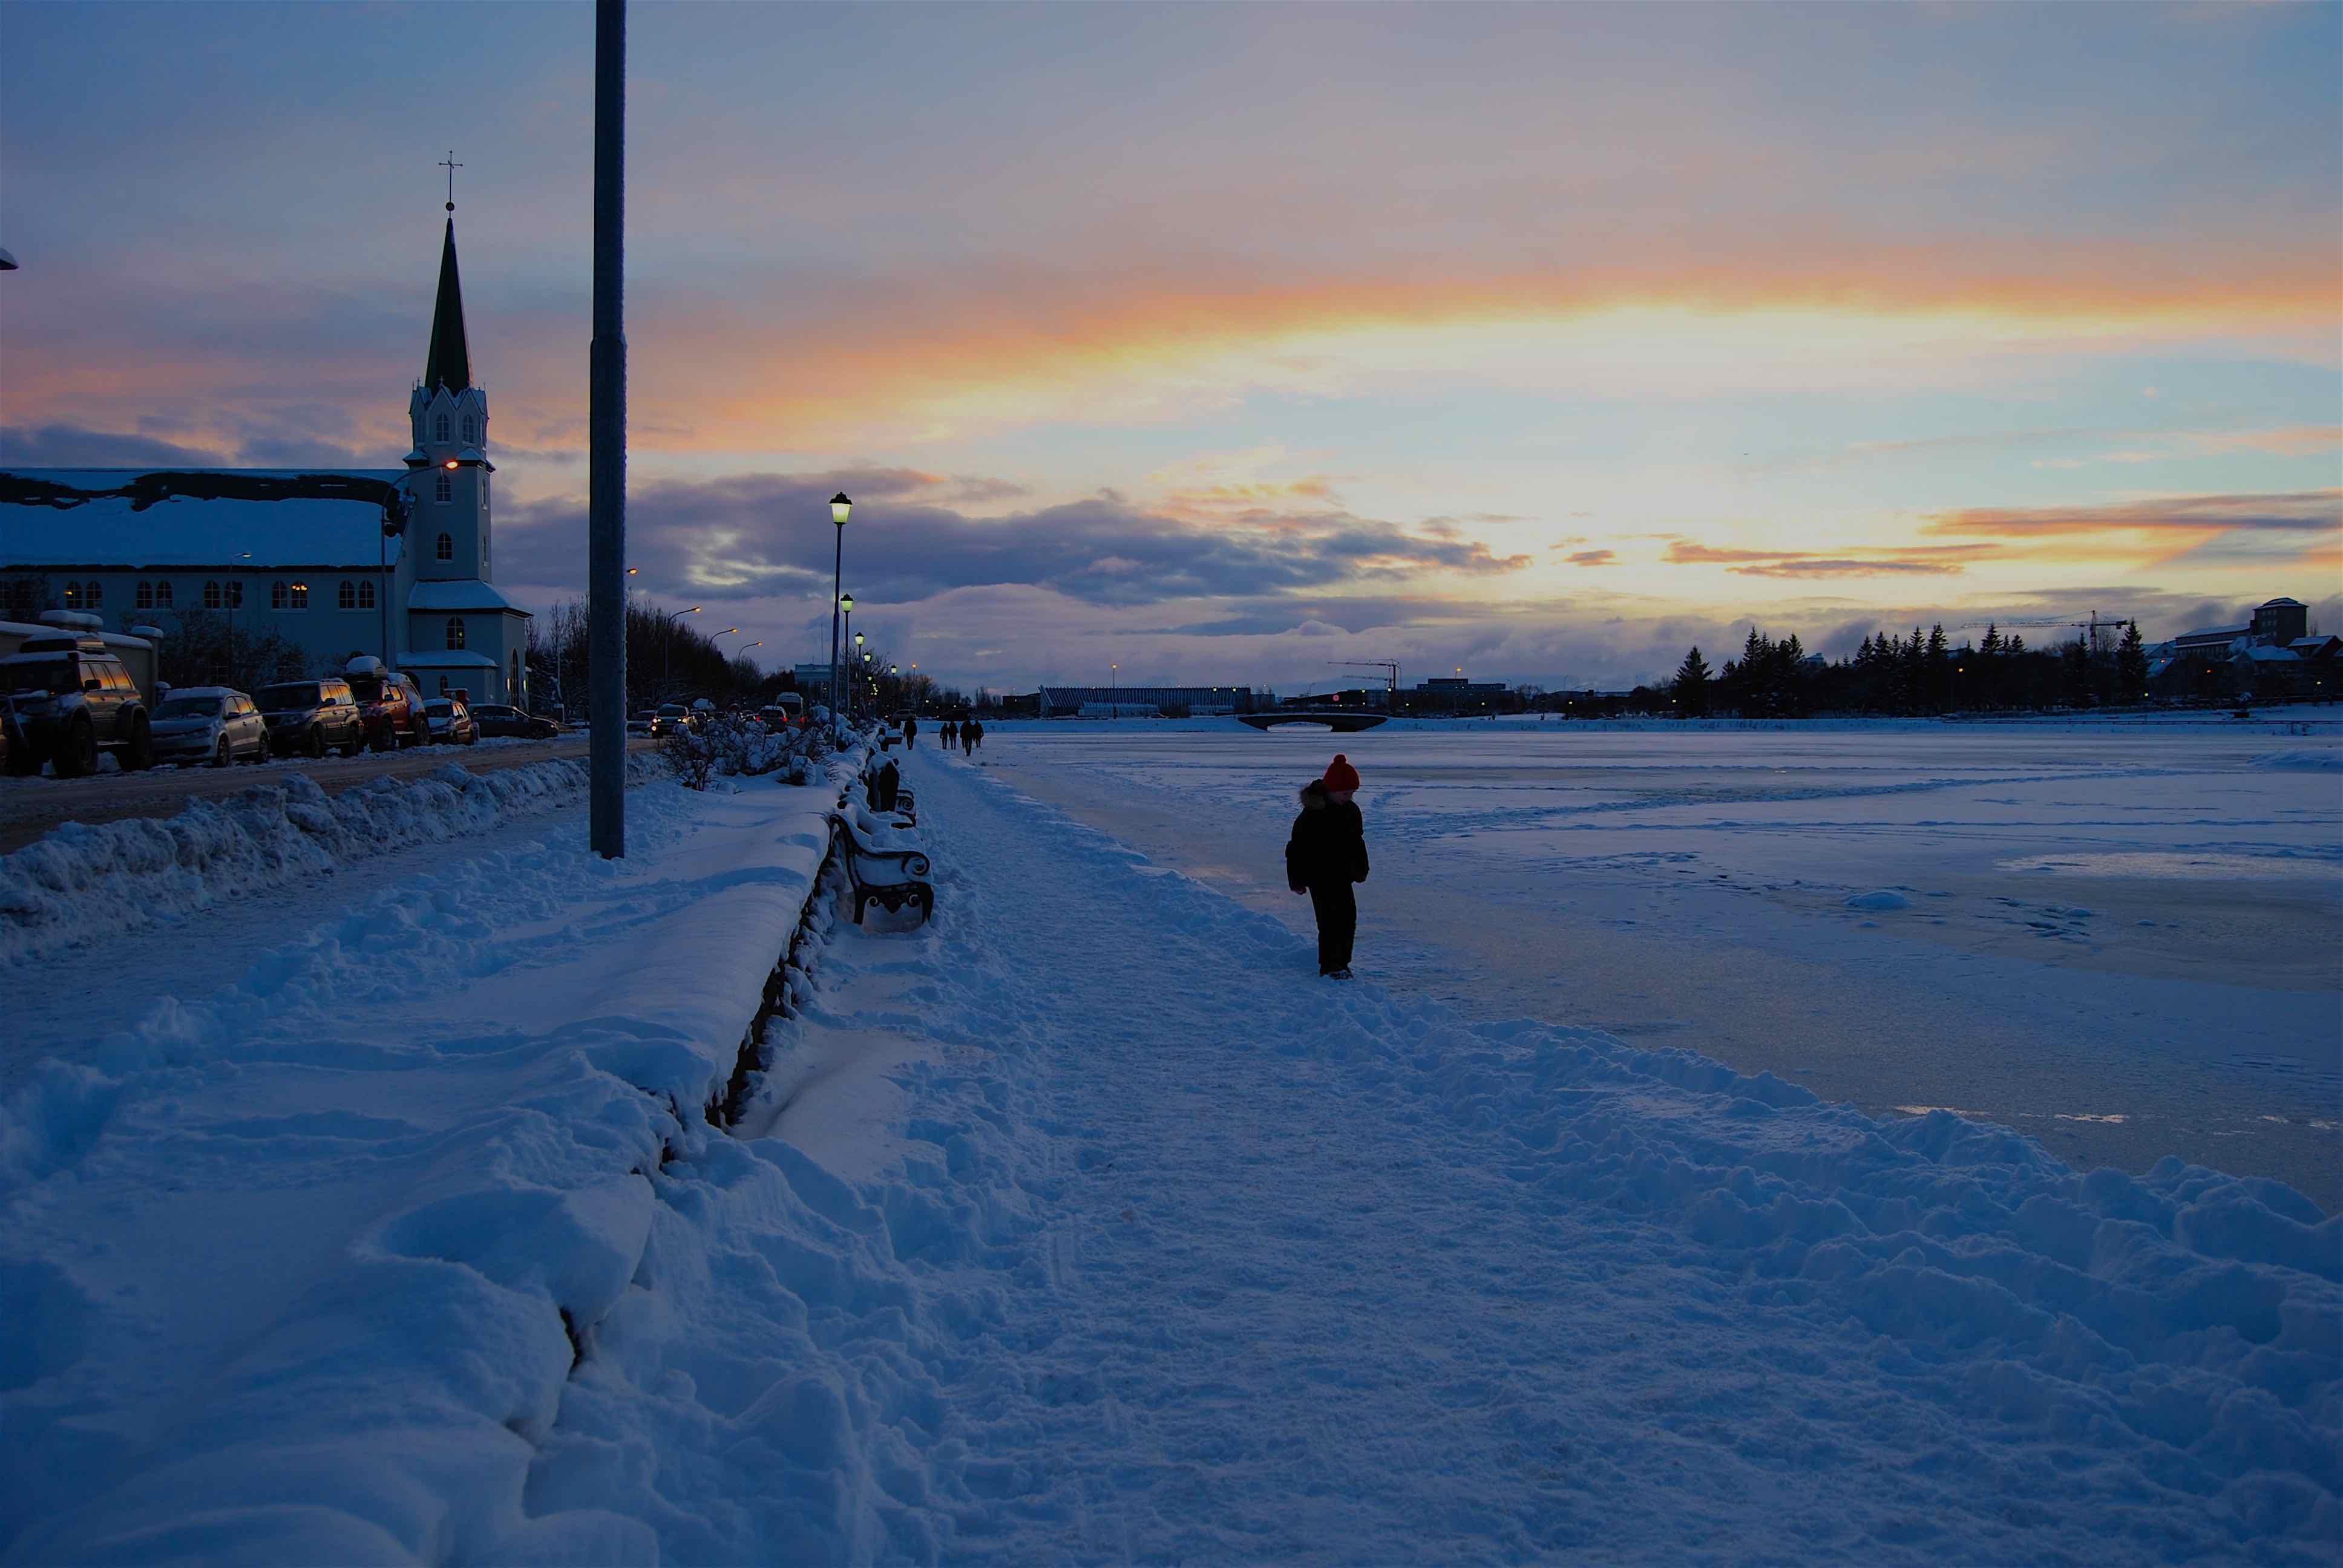 冬季游览雷克雅未克,您将领略到迷人的冰雪胜景